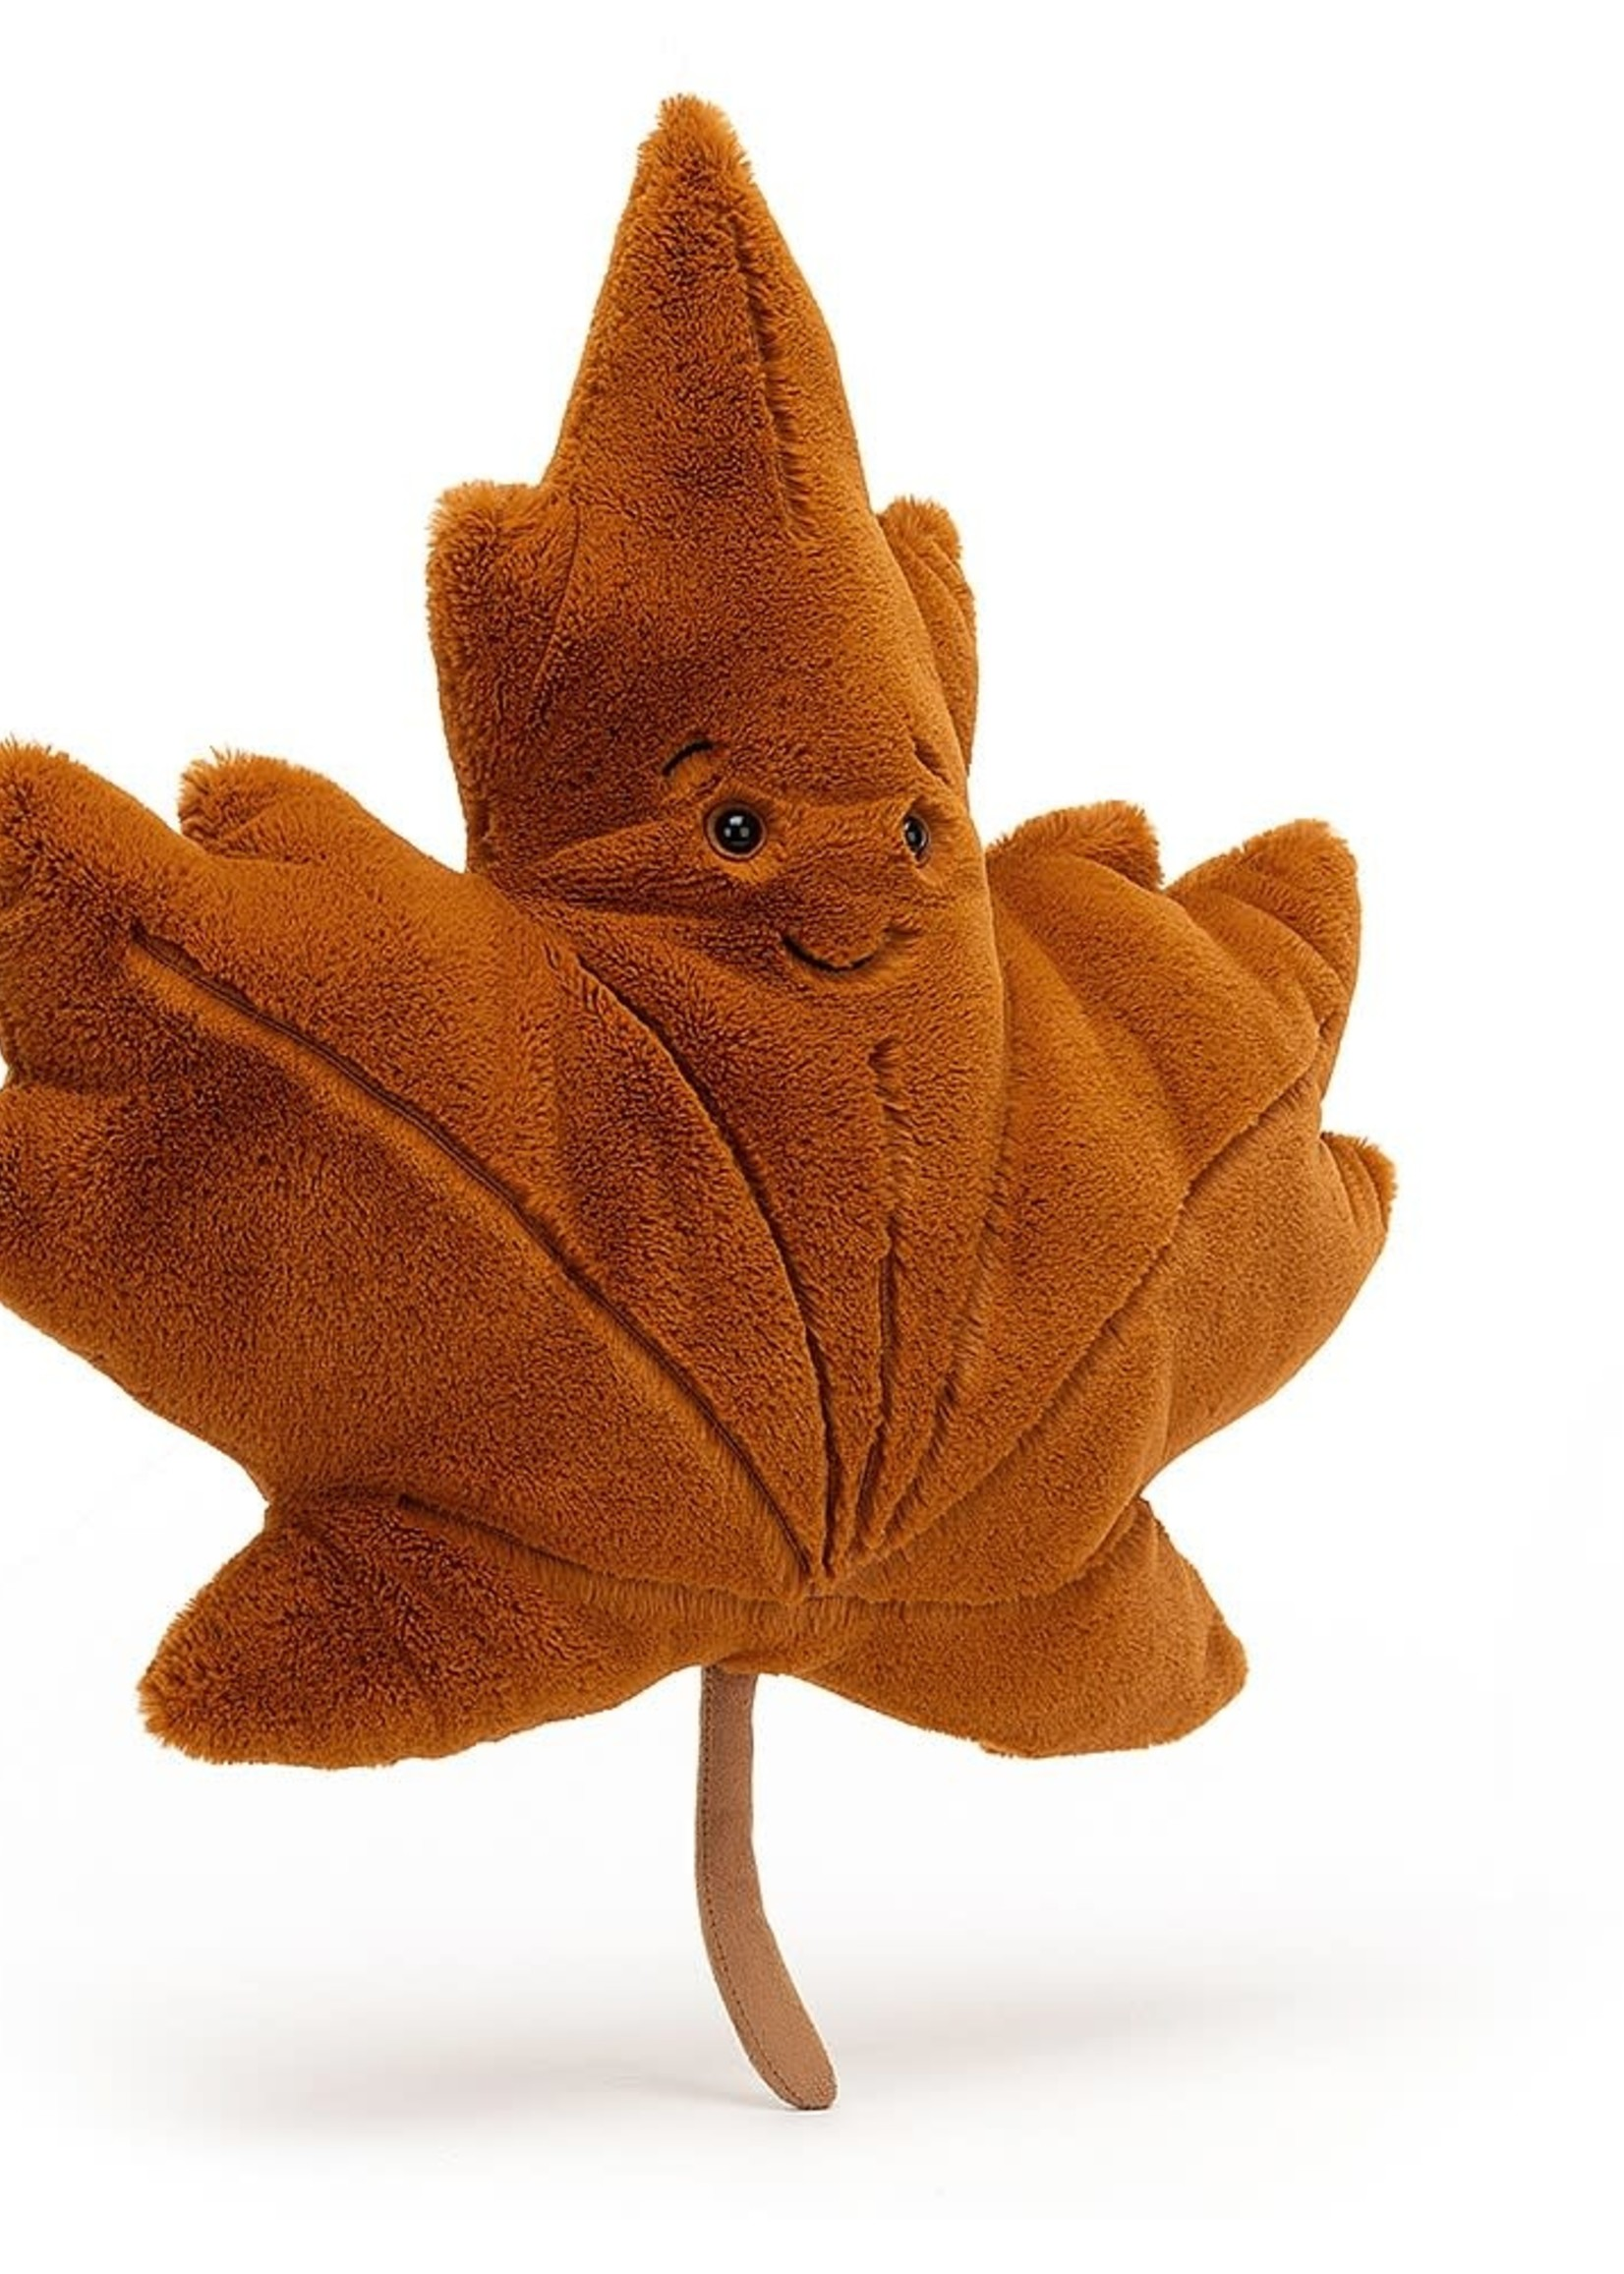 Jellycat JC Woodland Maple Leaf